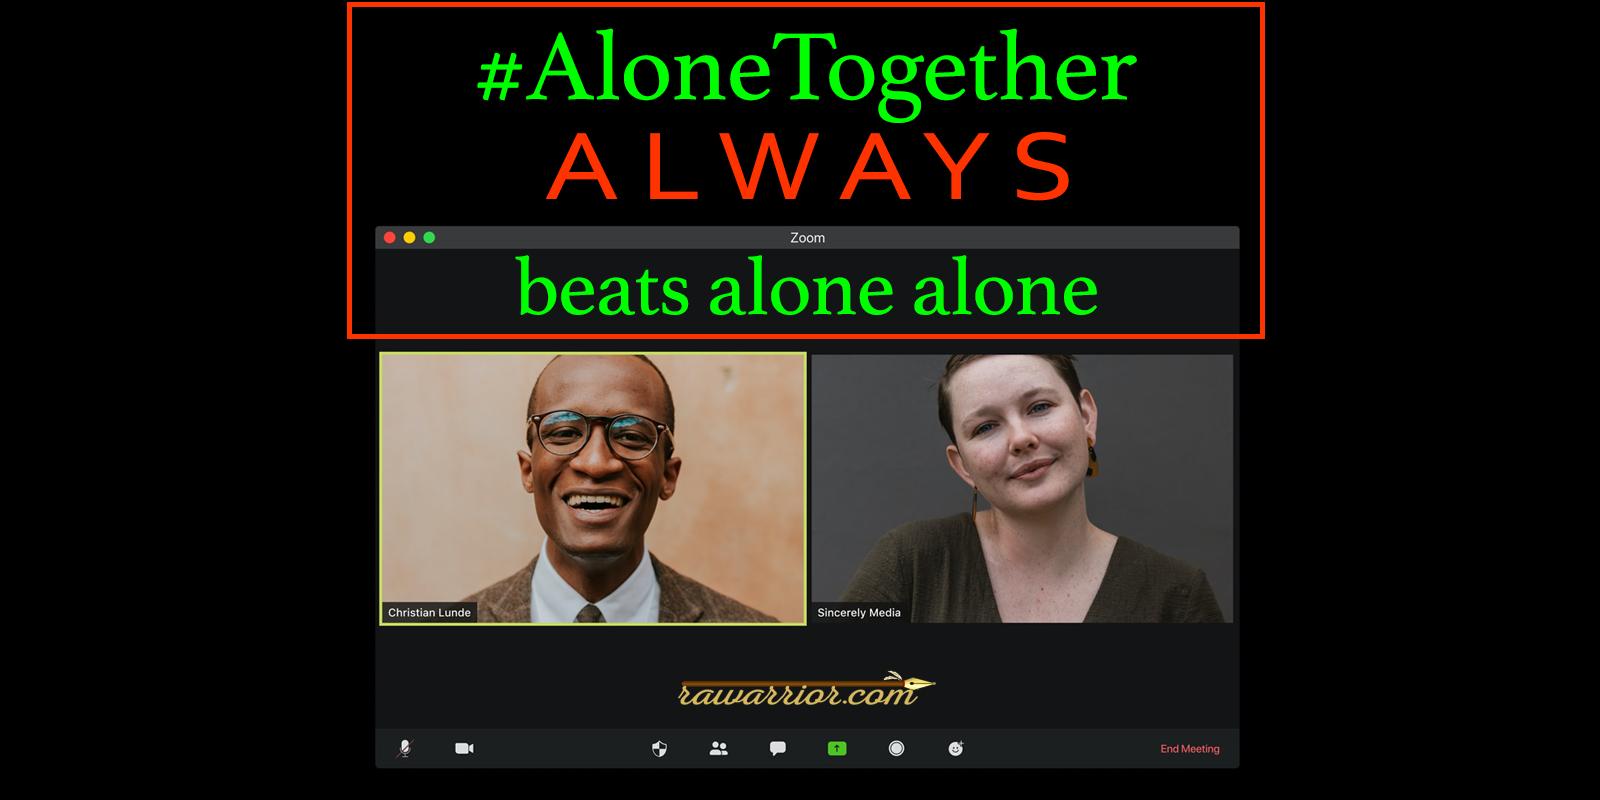 #AloneTogether Hashtag